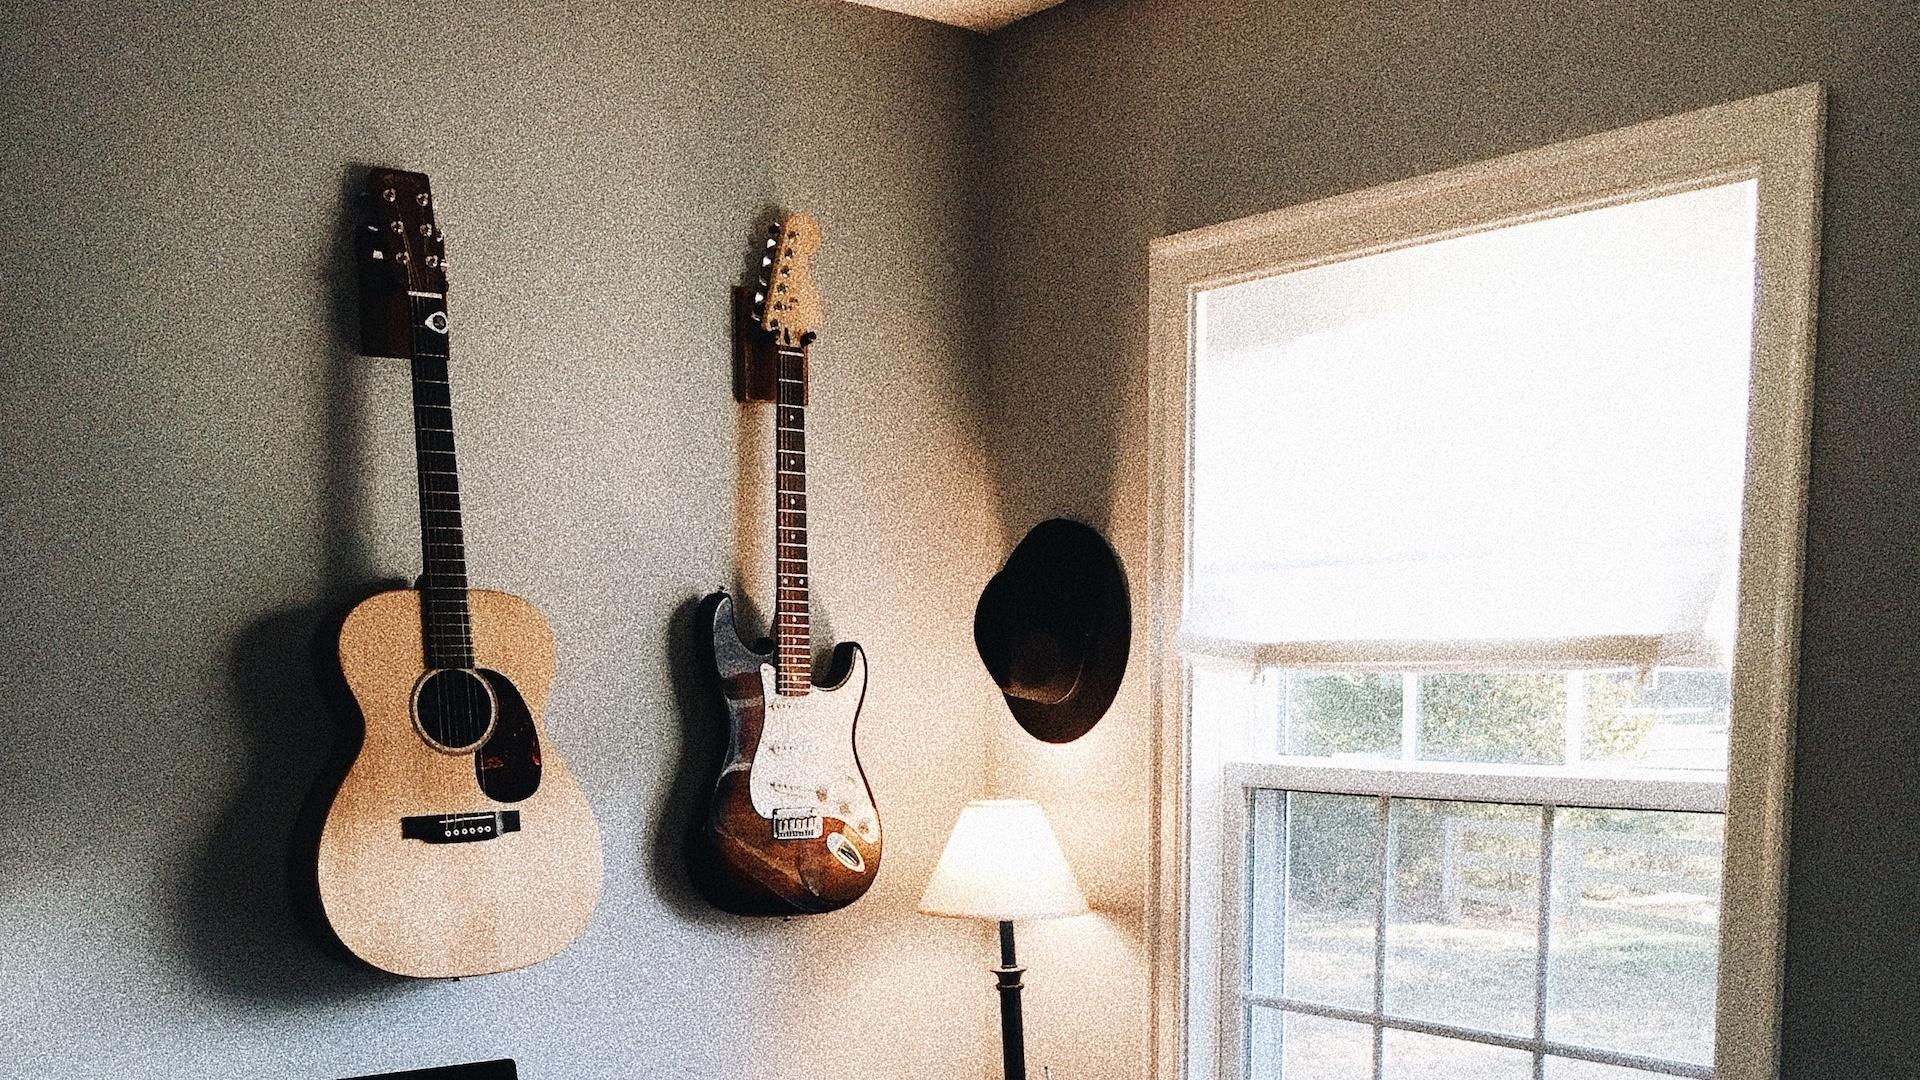 ギターと大きな窓のある部屋の無料バーチャル背景素材